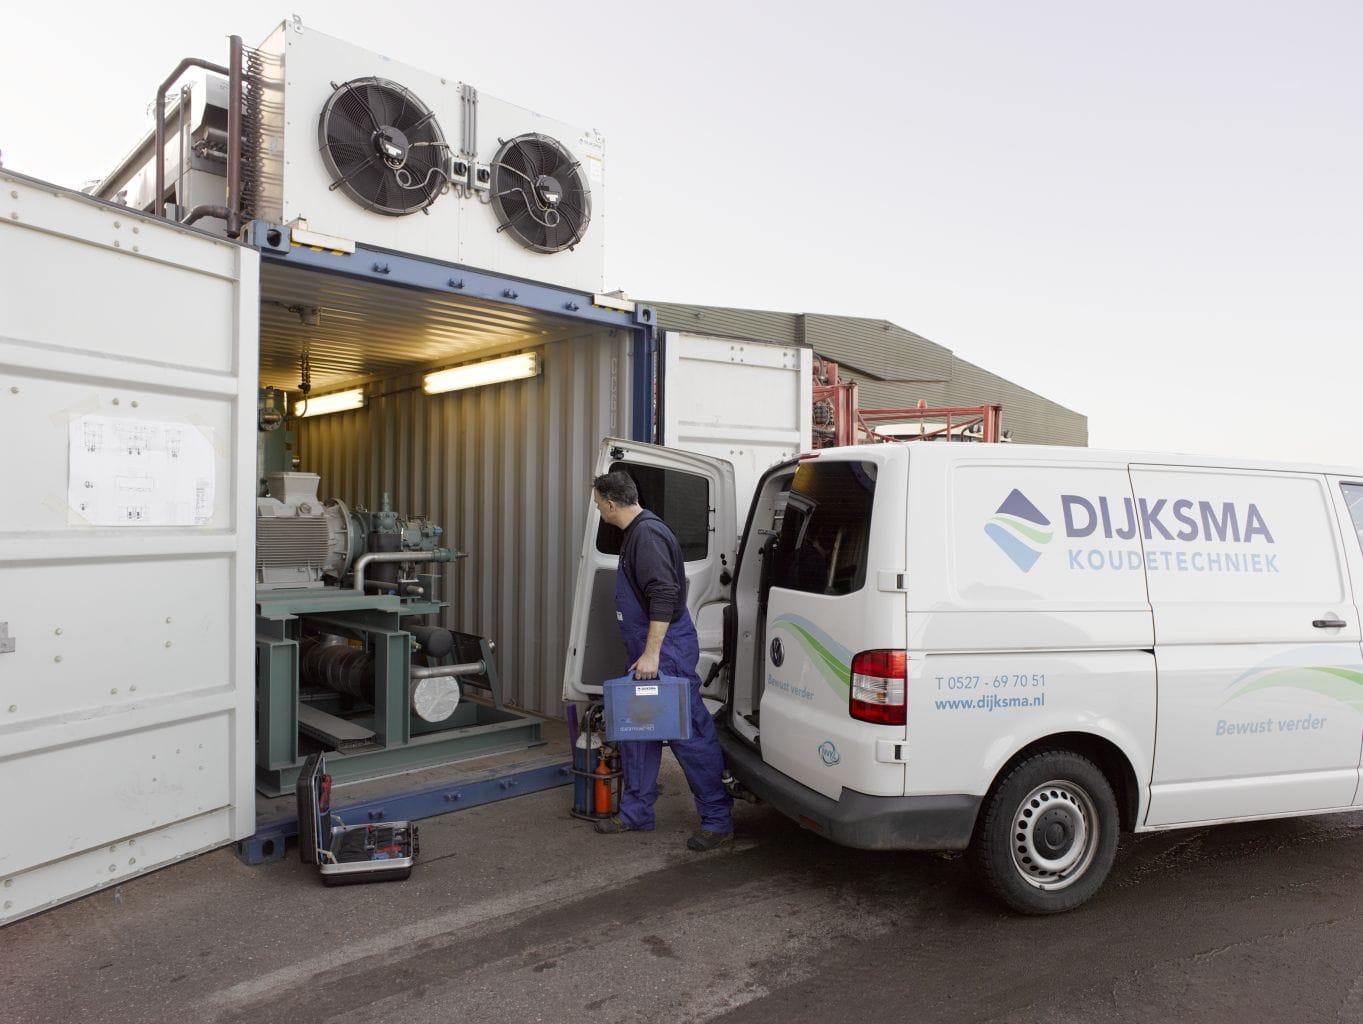 Dijksma-koudetechniek-bedrijfsbus